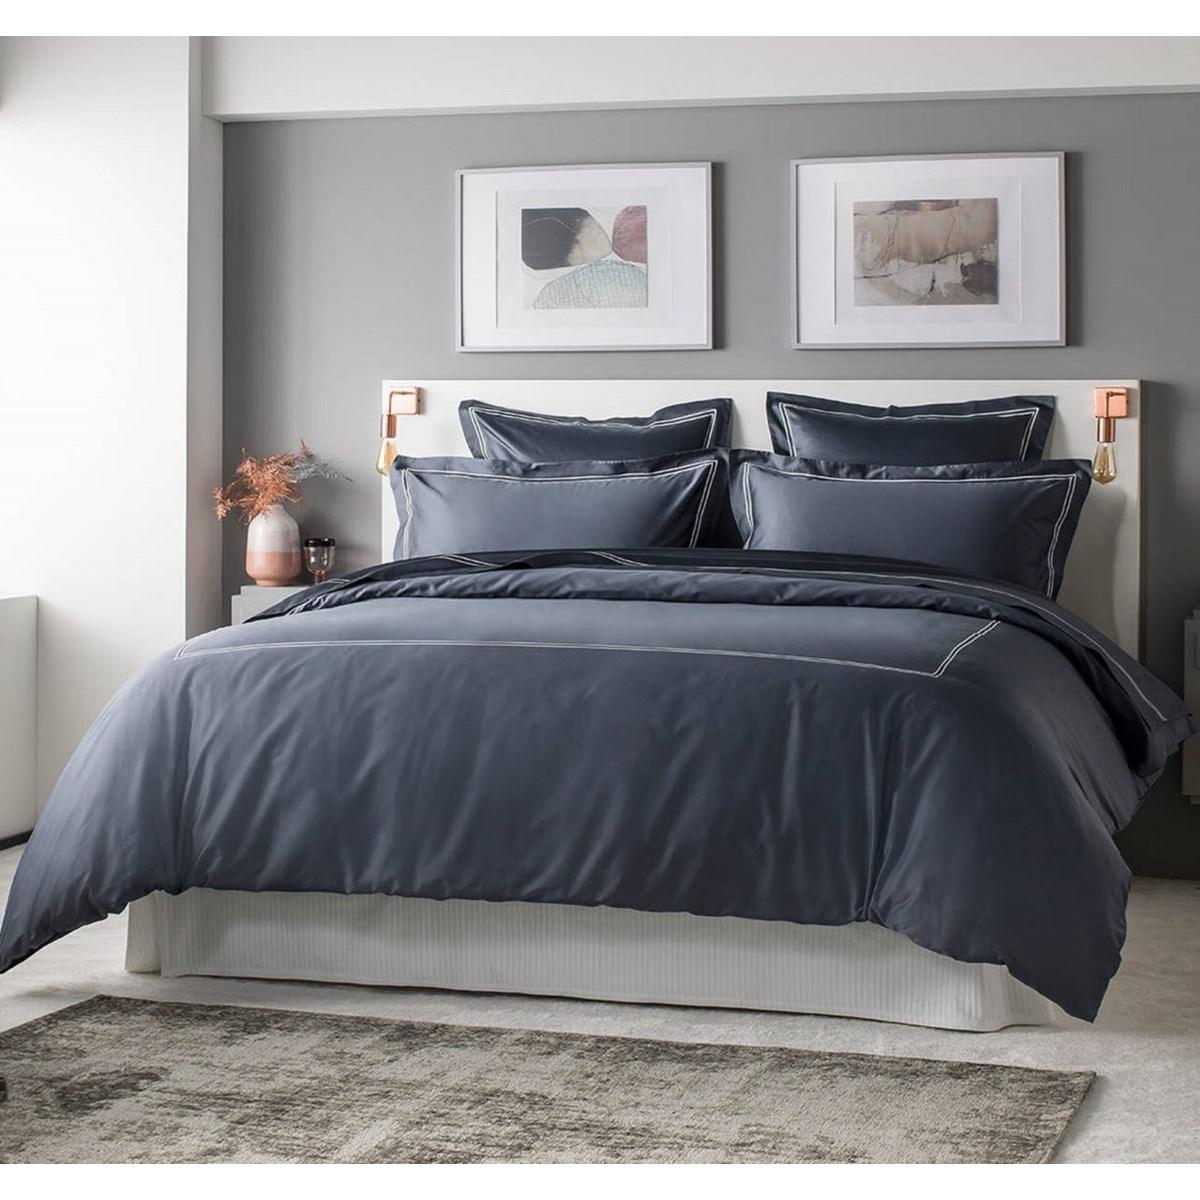 Drap plat luxe en Satin de coton Gris 270x310 cm